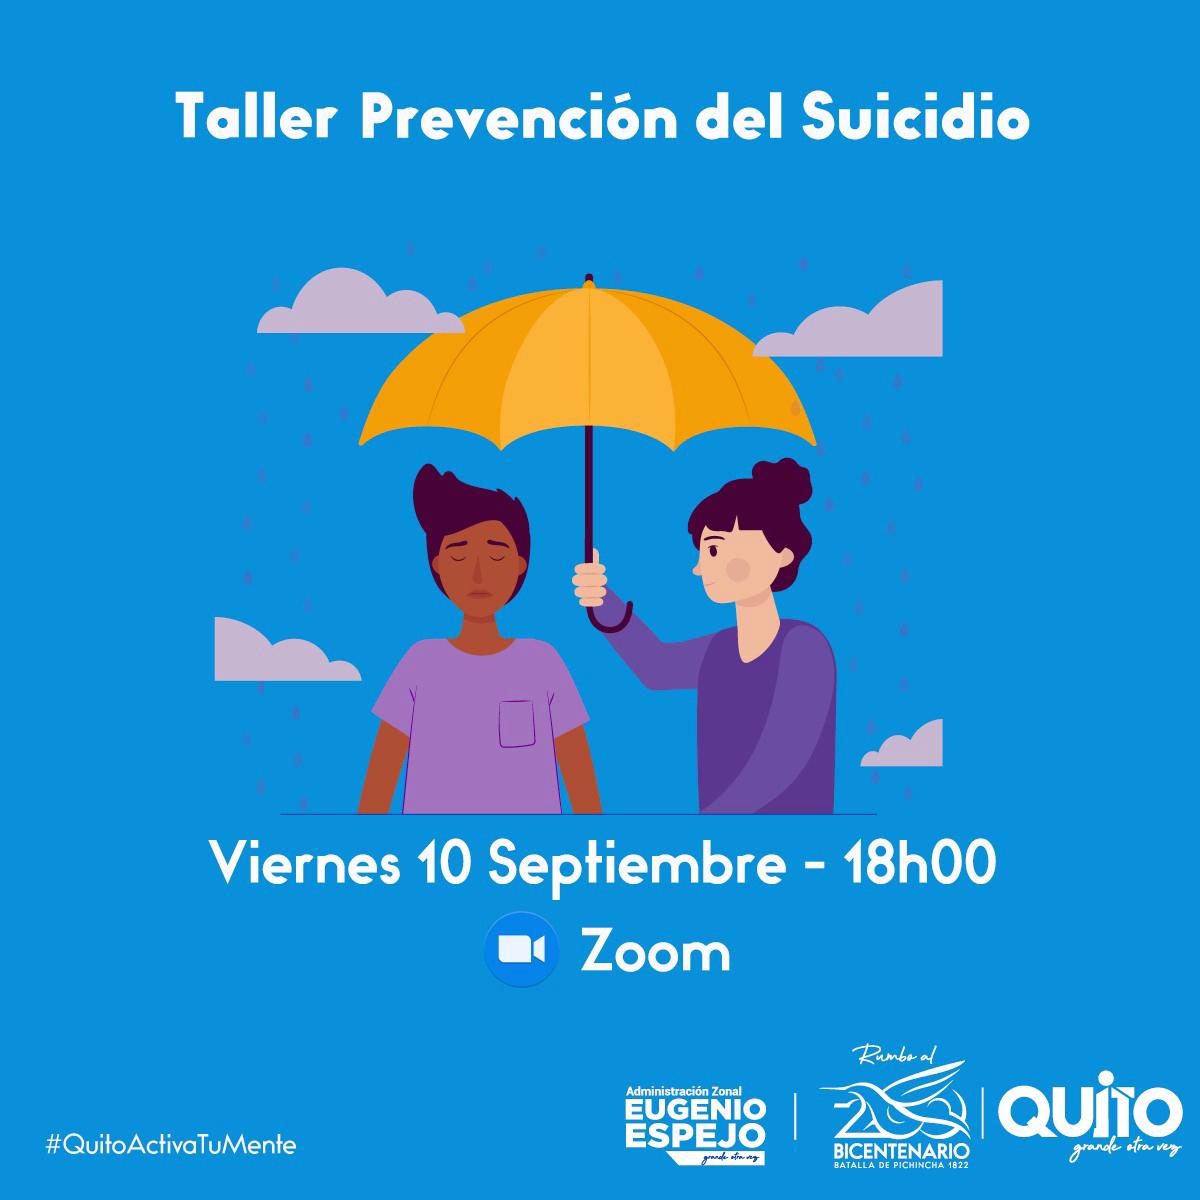 Secretaría de Salud brinda talleres sobre prevención del suicidio